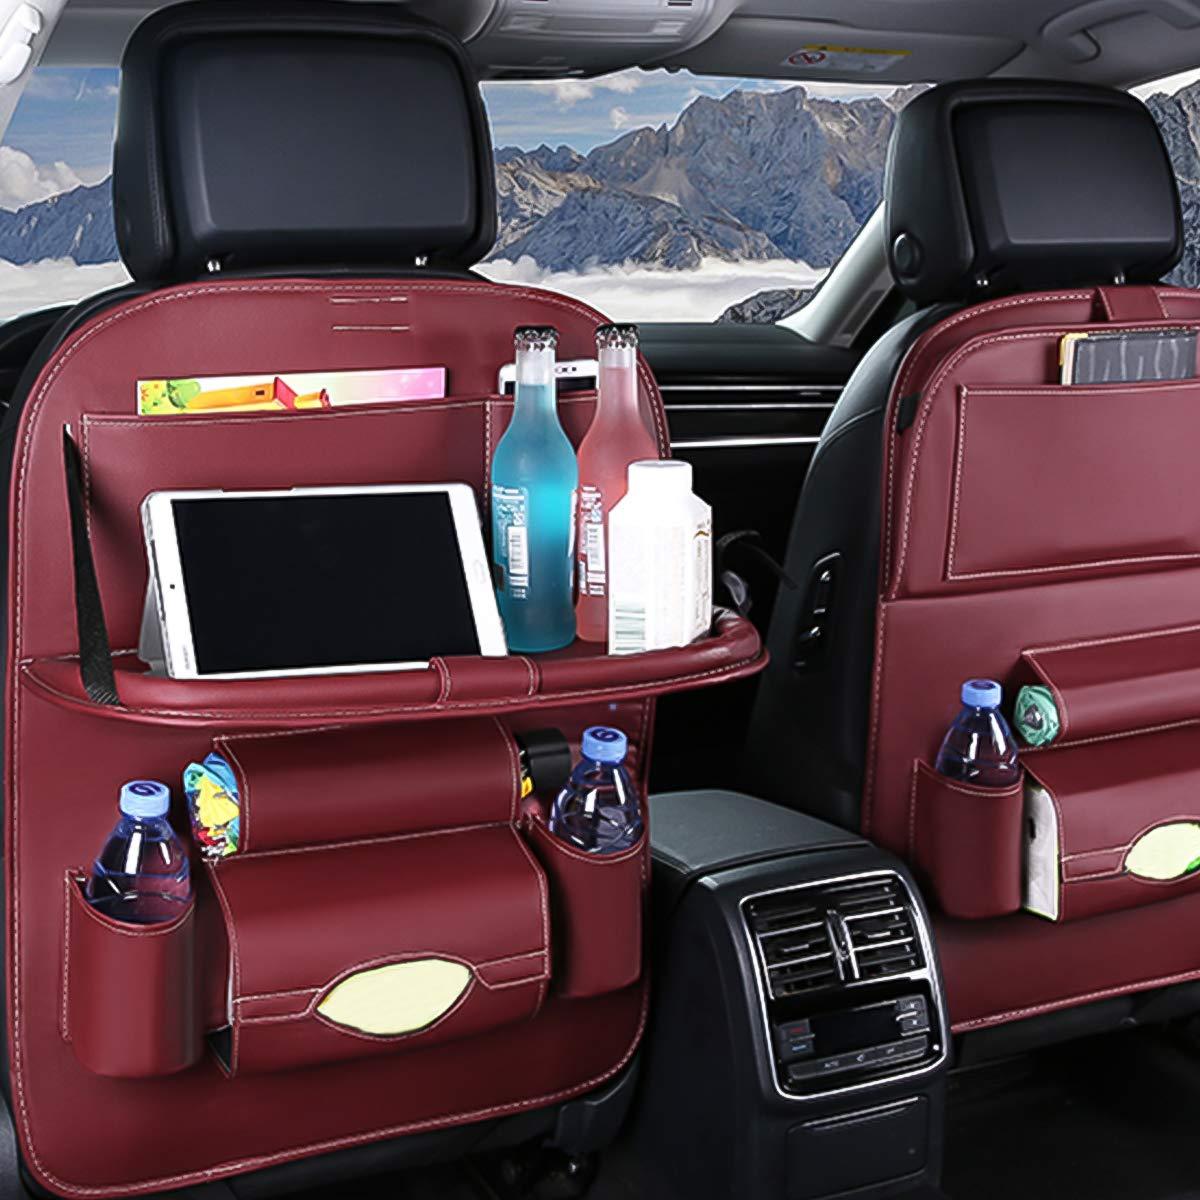 Ergocar Auto Organizer R/ückenlehnenschutz Luxus Autositzschutz aus PU-Leder mit faltbarem Tablethalter wasserdicht R/ückenlehnenschutz R/ückenlehnen-Tasche f/ür Kinder Beige - 2 Pack